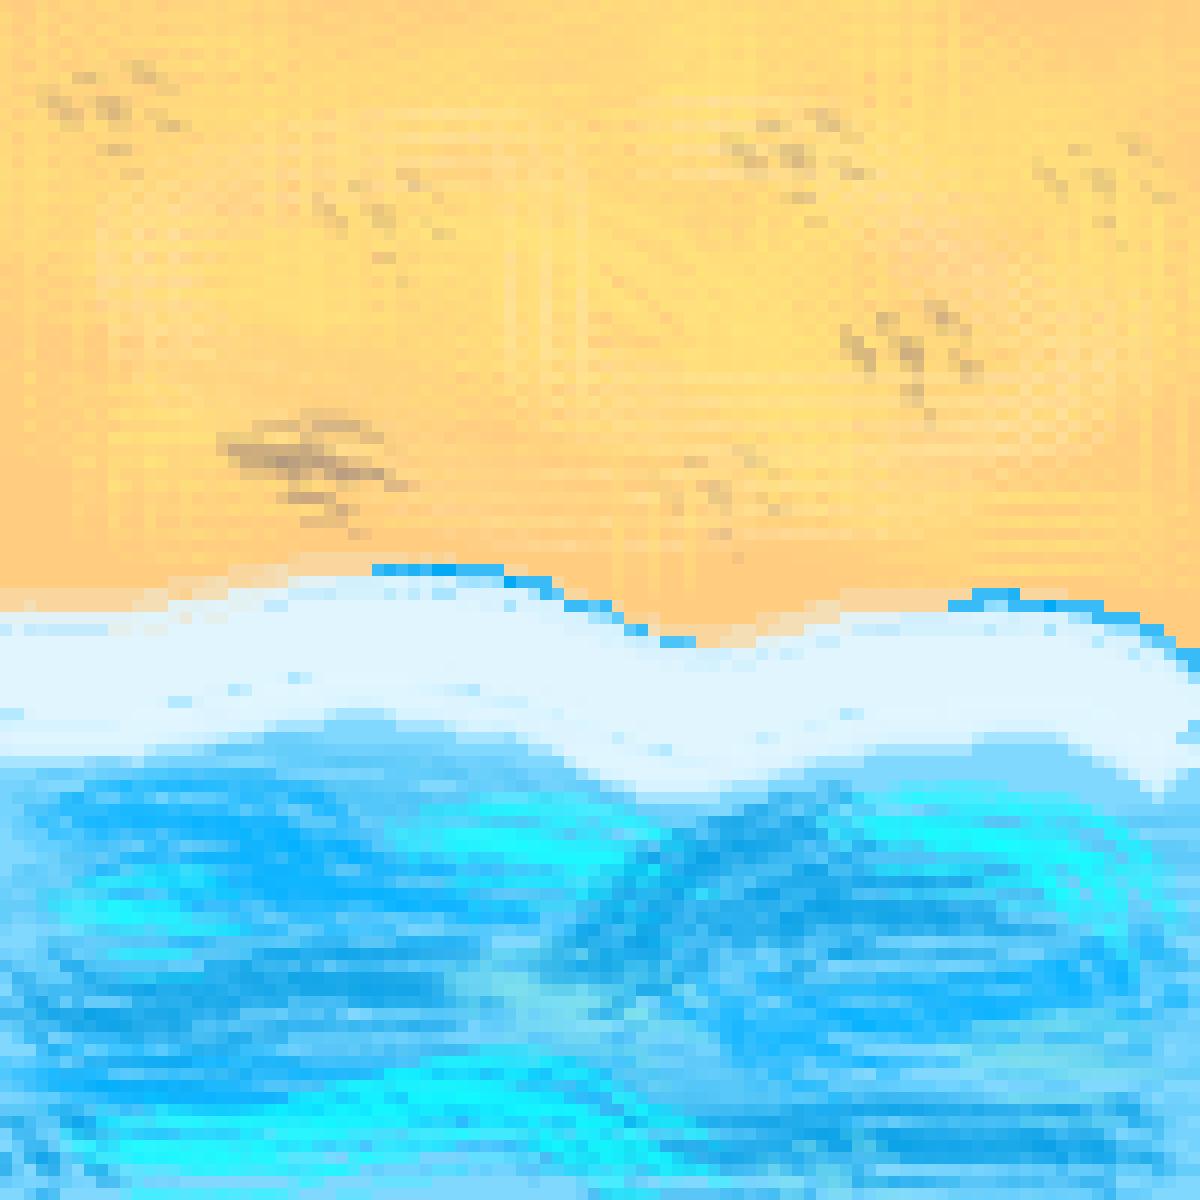 The Beach by MythicalPanda